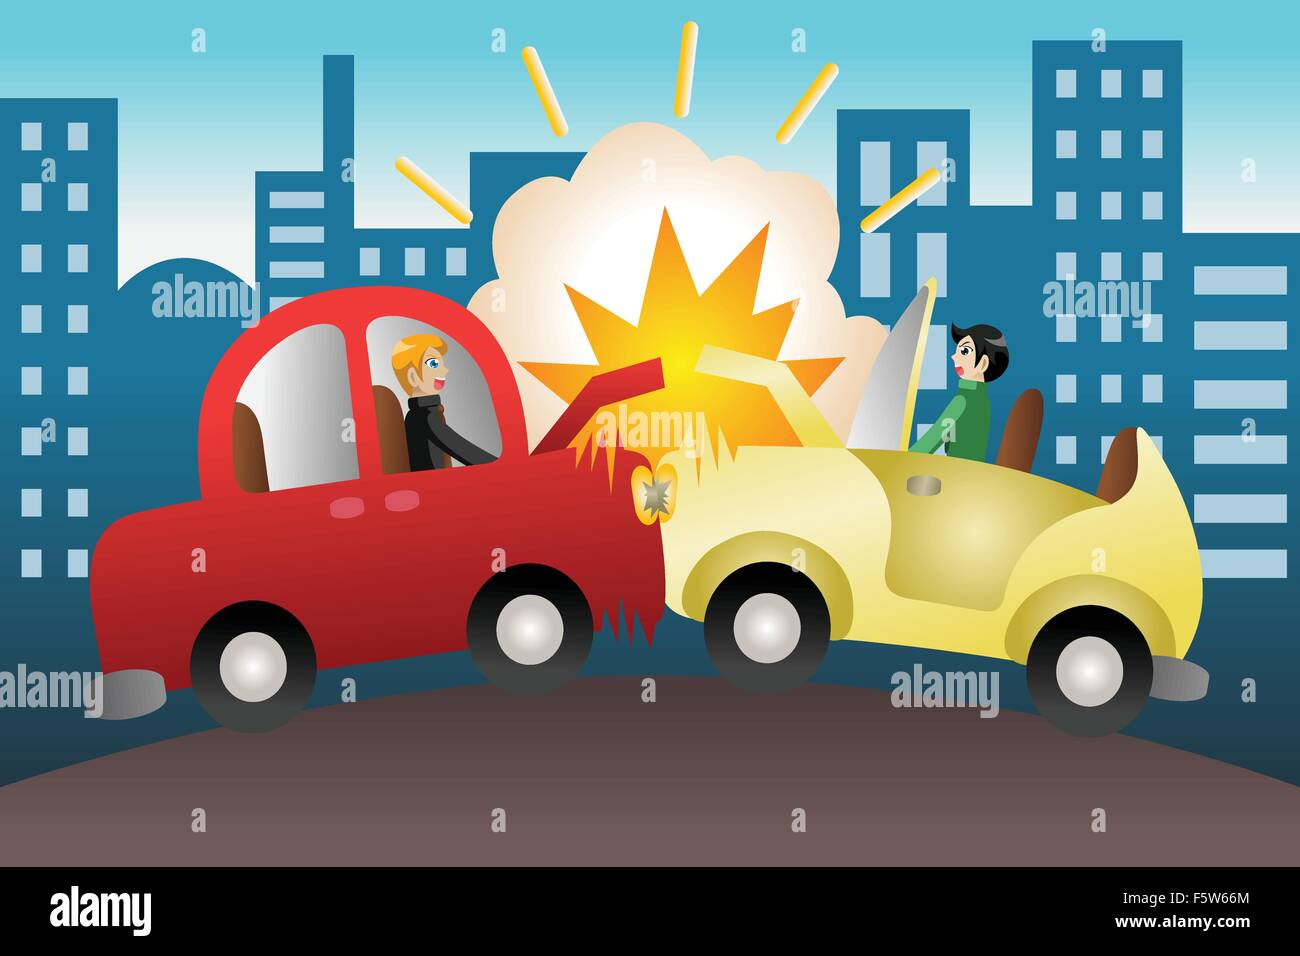 Accident Vectors Stockfotos & Accident Vectors Bilder - Alamy